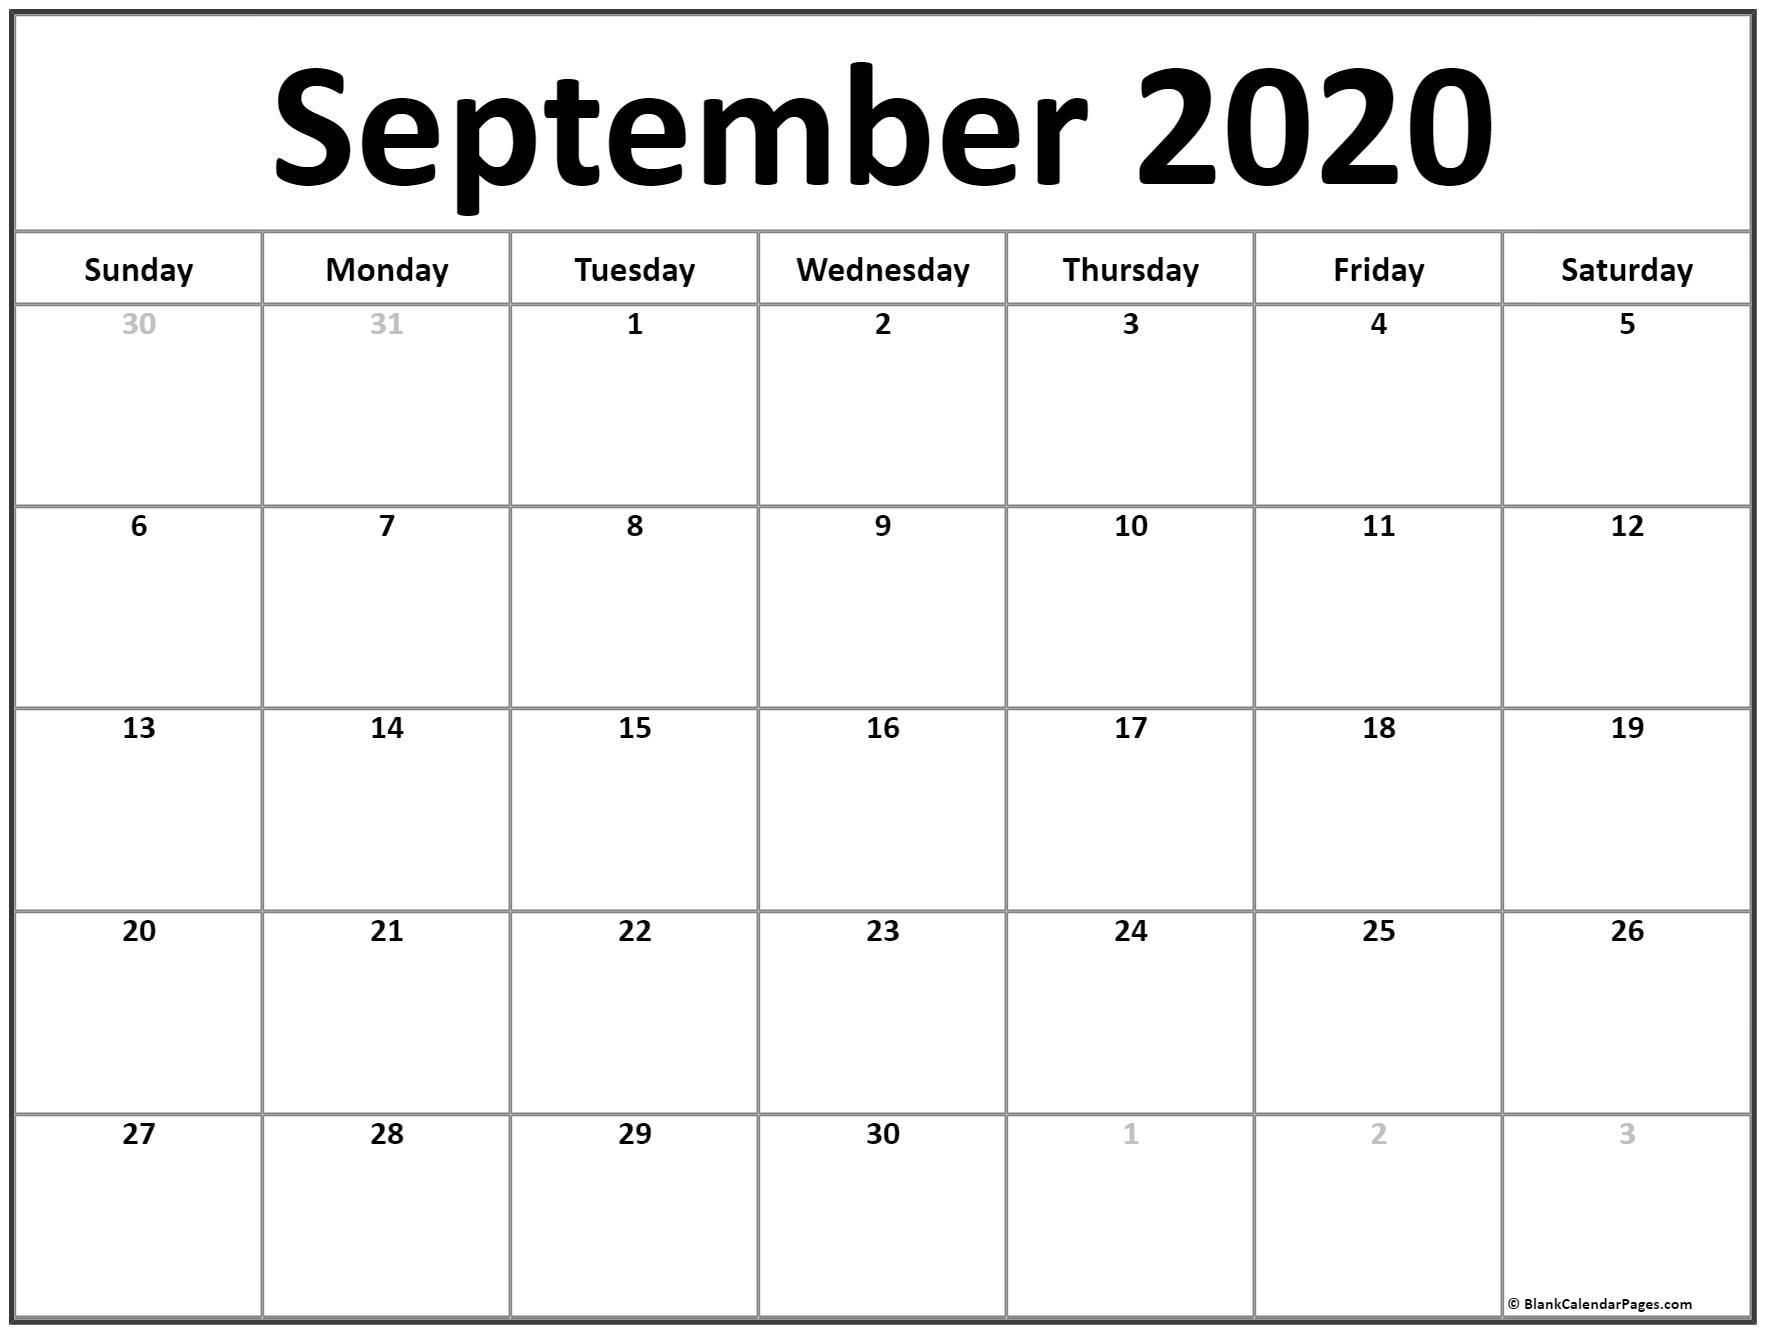 September 2020 Calendar | Free Printable Monthly Calendars pertaining to September Fill In Calendar 2020